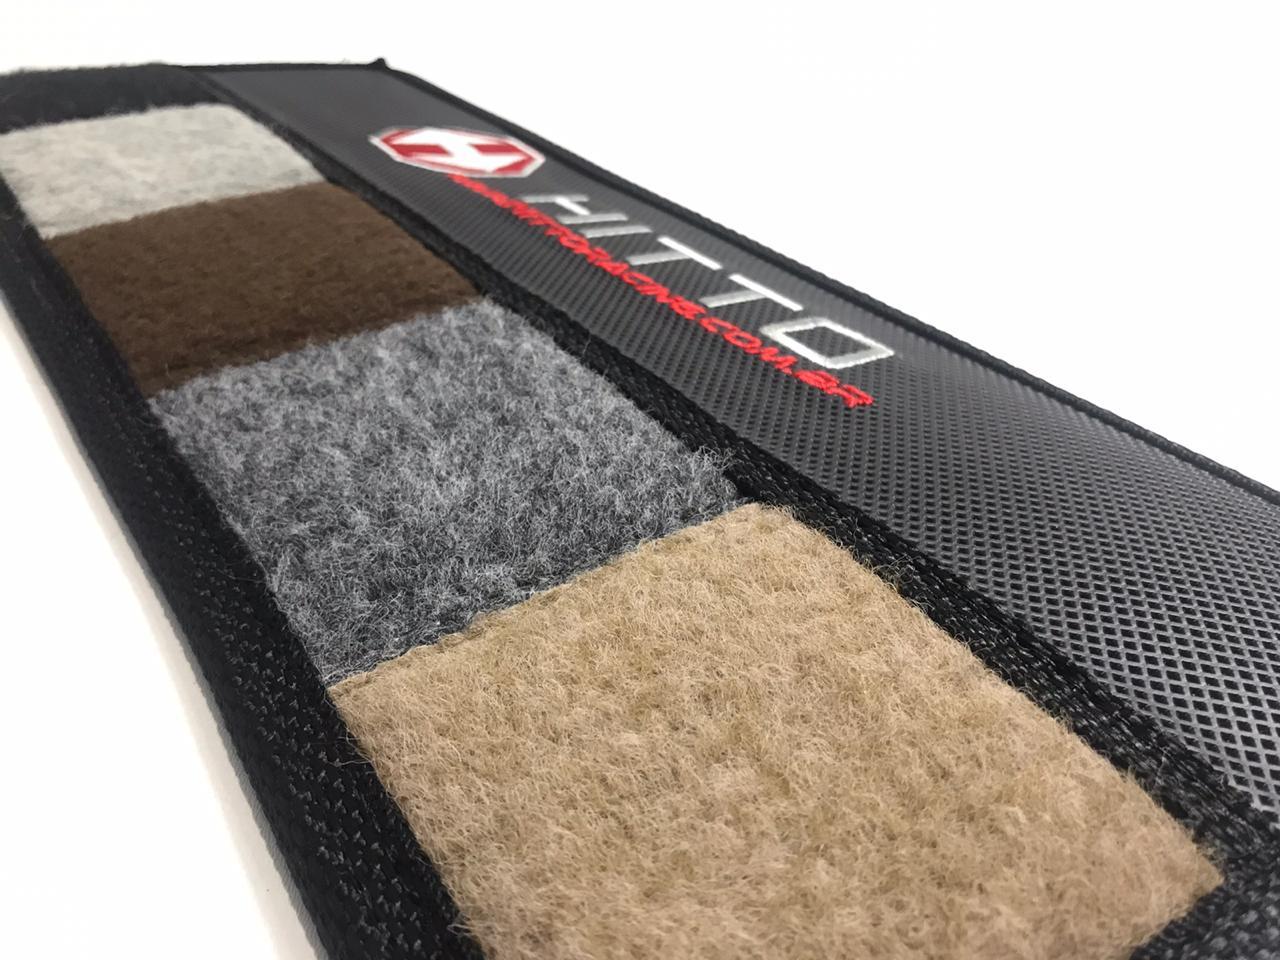 Tapetes  Ford Focus Titanium Carpete Luxo base pinada